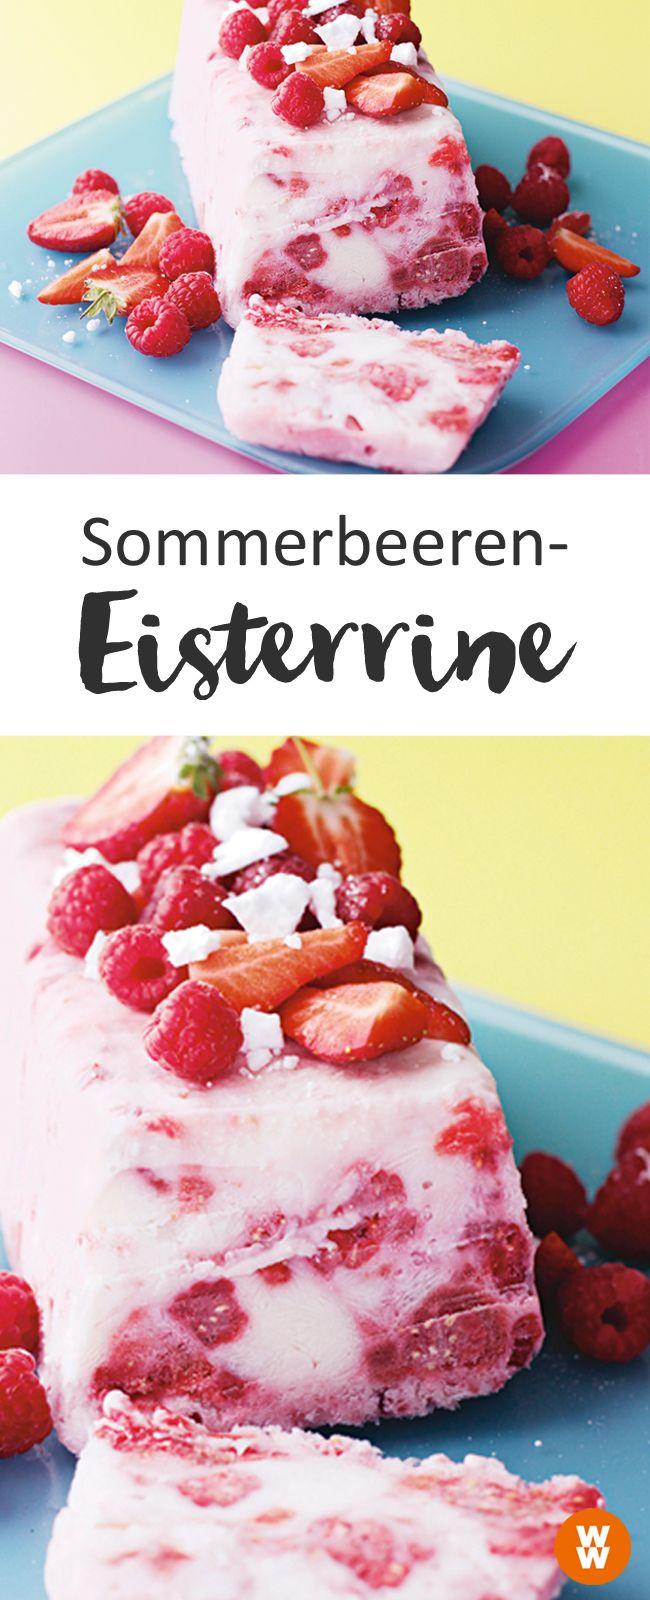 Sommerbeeren-Eisterrine, Beeren, Eis, Erdbeereis, Himbeereis, Eis selber machen, ohne Eismaschine | Weight Watchers